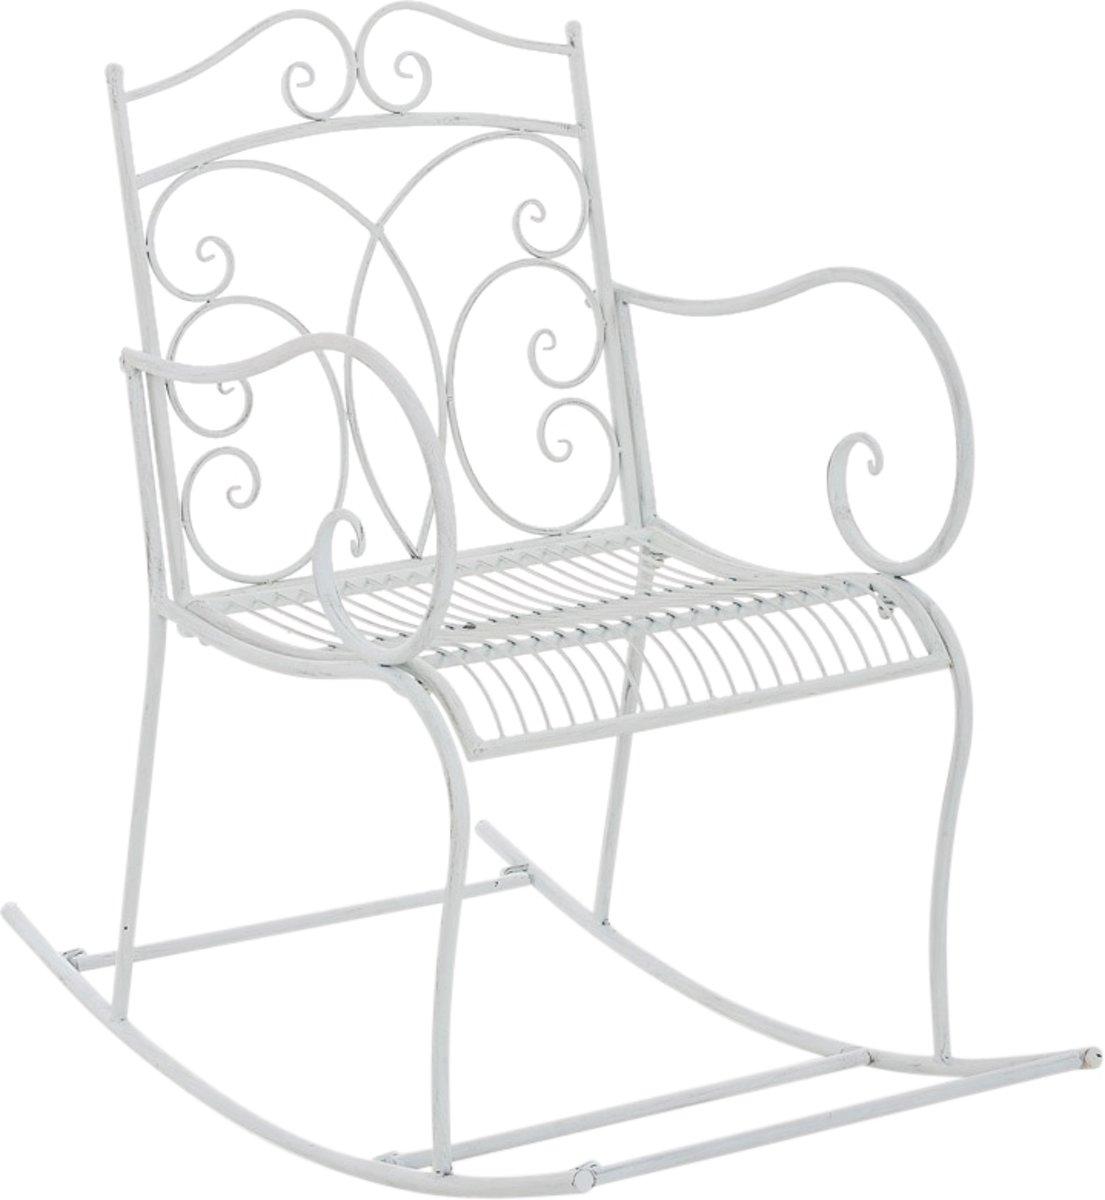 Clp Schommelstoel EDITH, tuinstoel, terrasstoel, balkonstoel, vintage, country live stijl, retro, nostalgisch, landhuisstijl, relaxstoel - antiek-wit